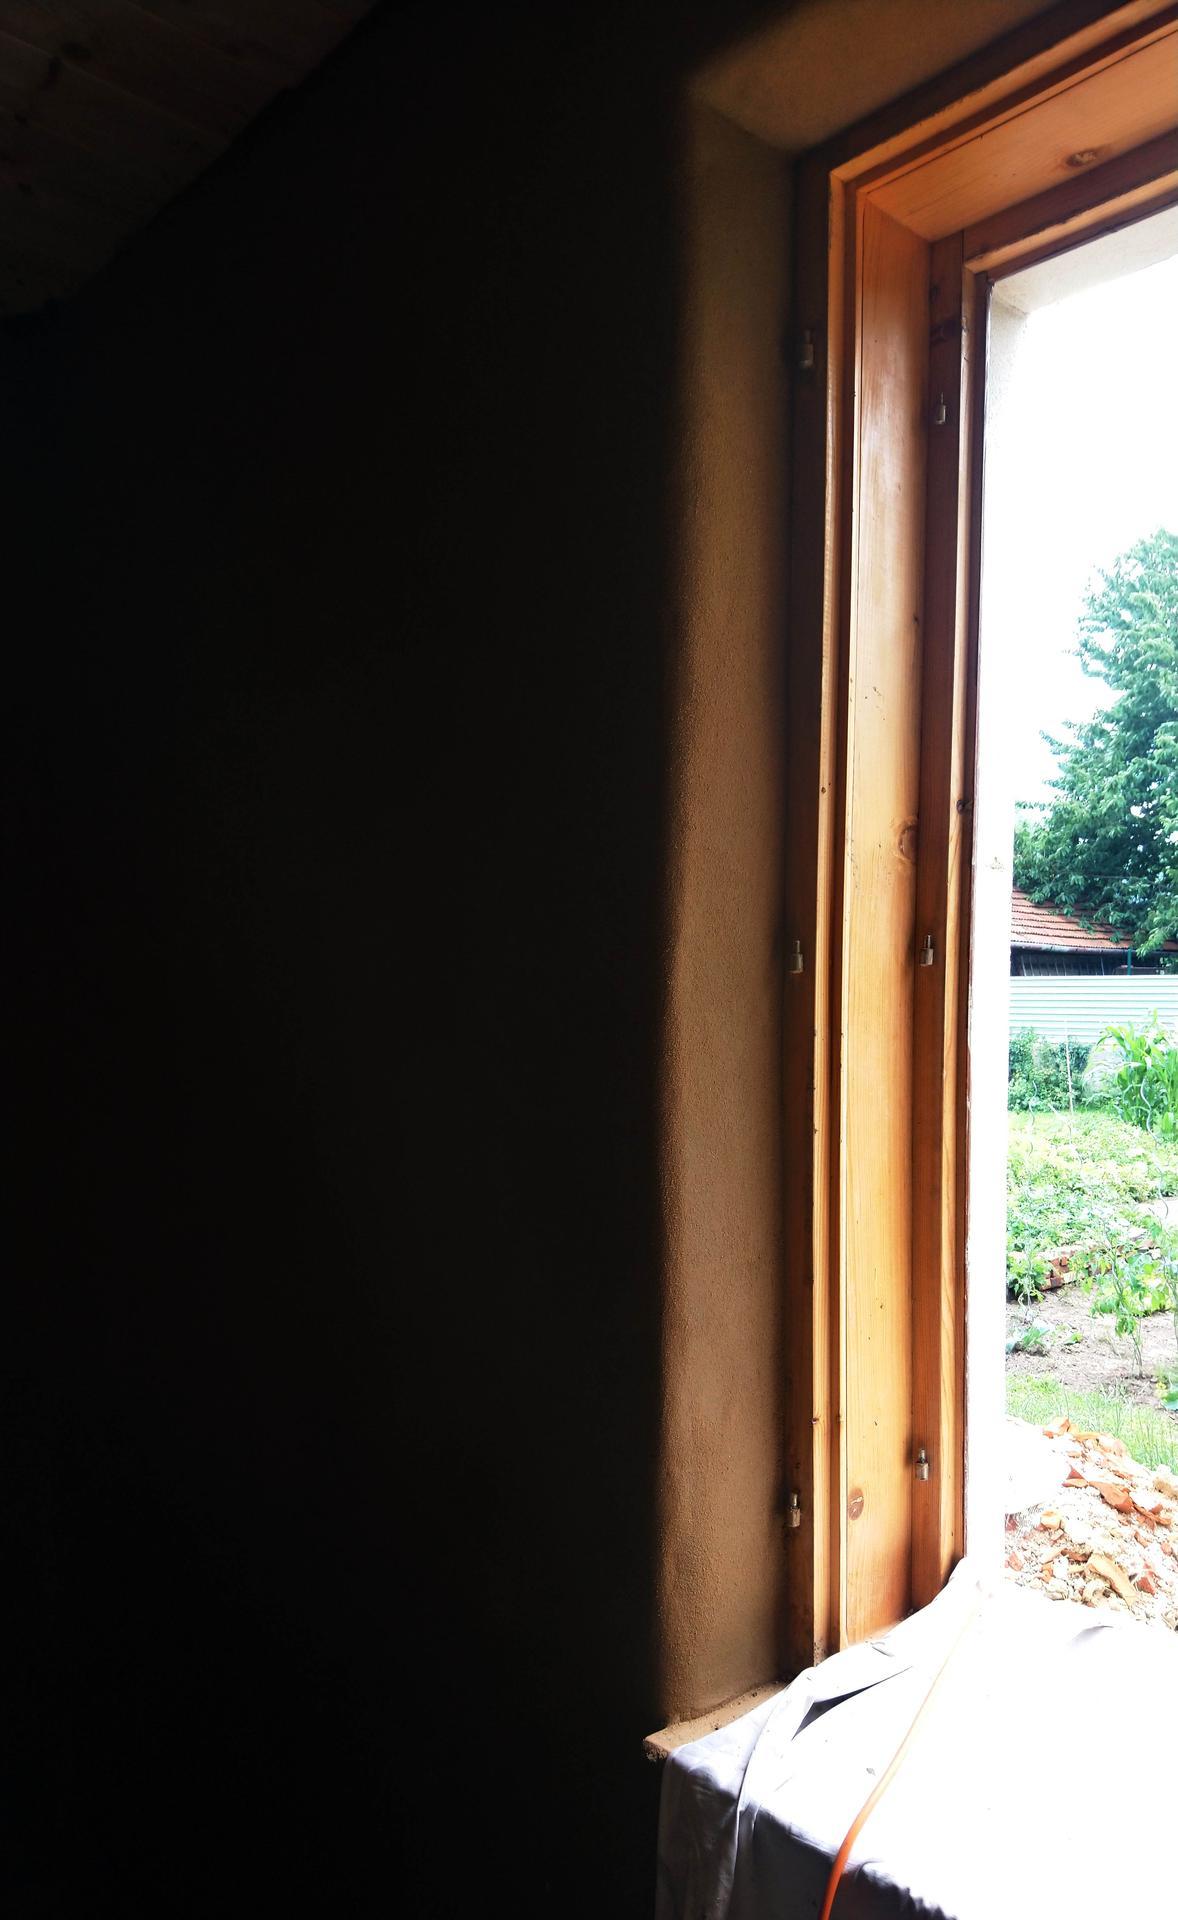 Hlinené omietky - Hotovo. Na špalety pozor, kým stena znesie hocičo okolo okien sa láme svetlo a vidno každú krivosť.